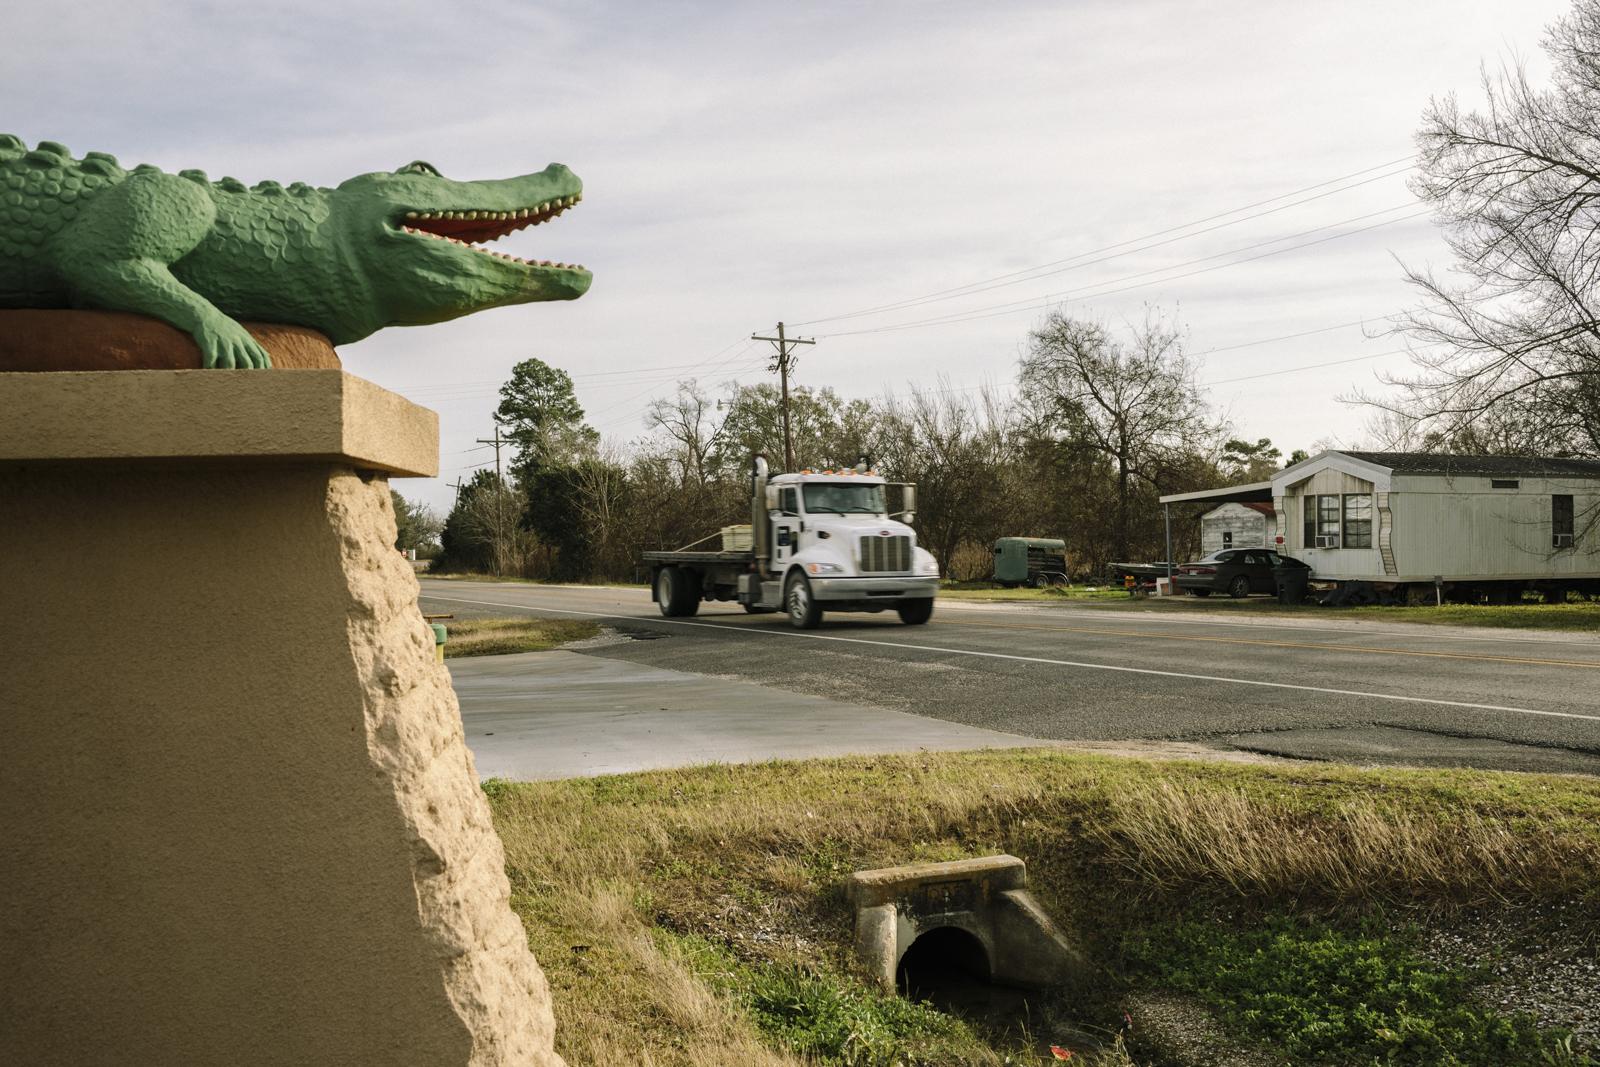 Cameron Parish, Louisiana - Trump Town USA